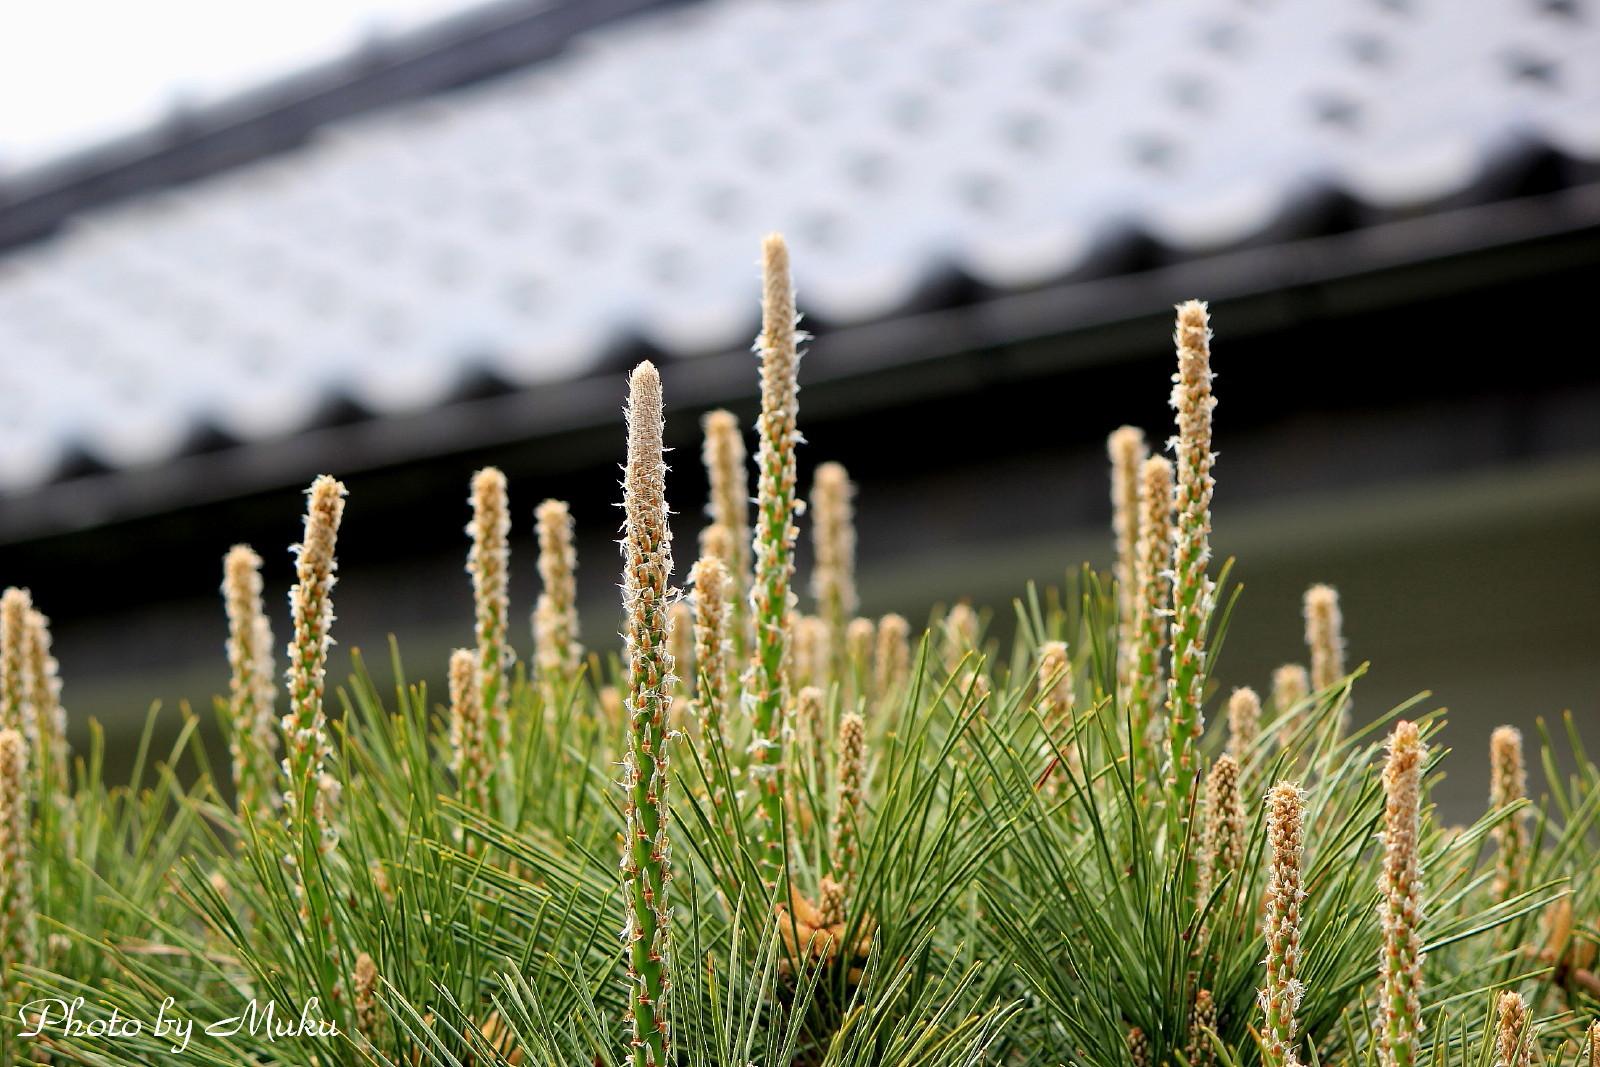 2014.4.16 松の花(散歩道:神奈川県横須賀市)